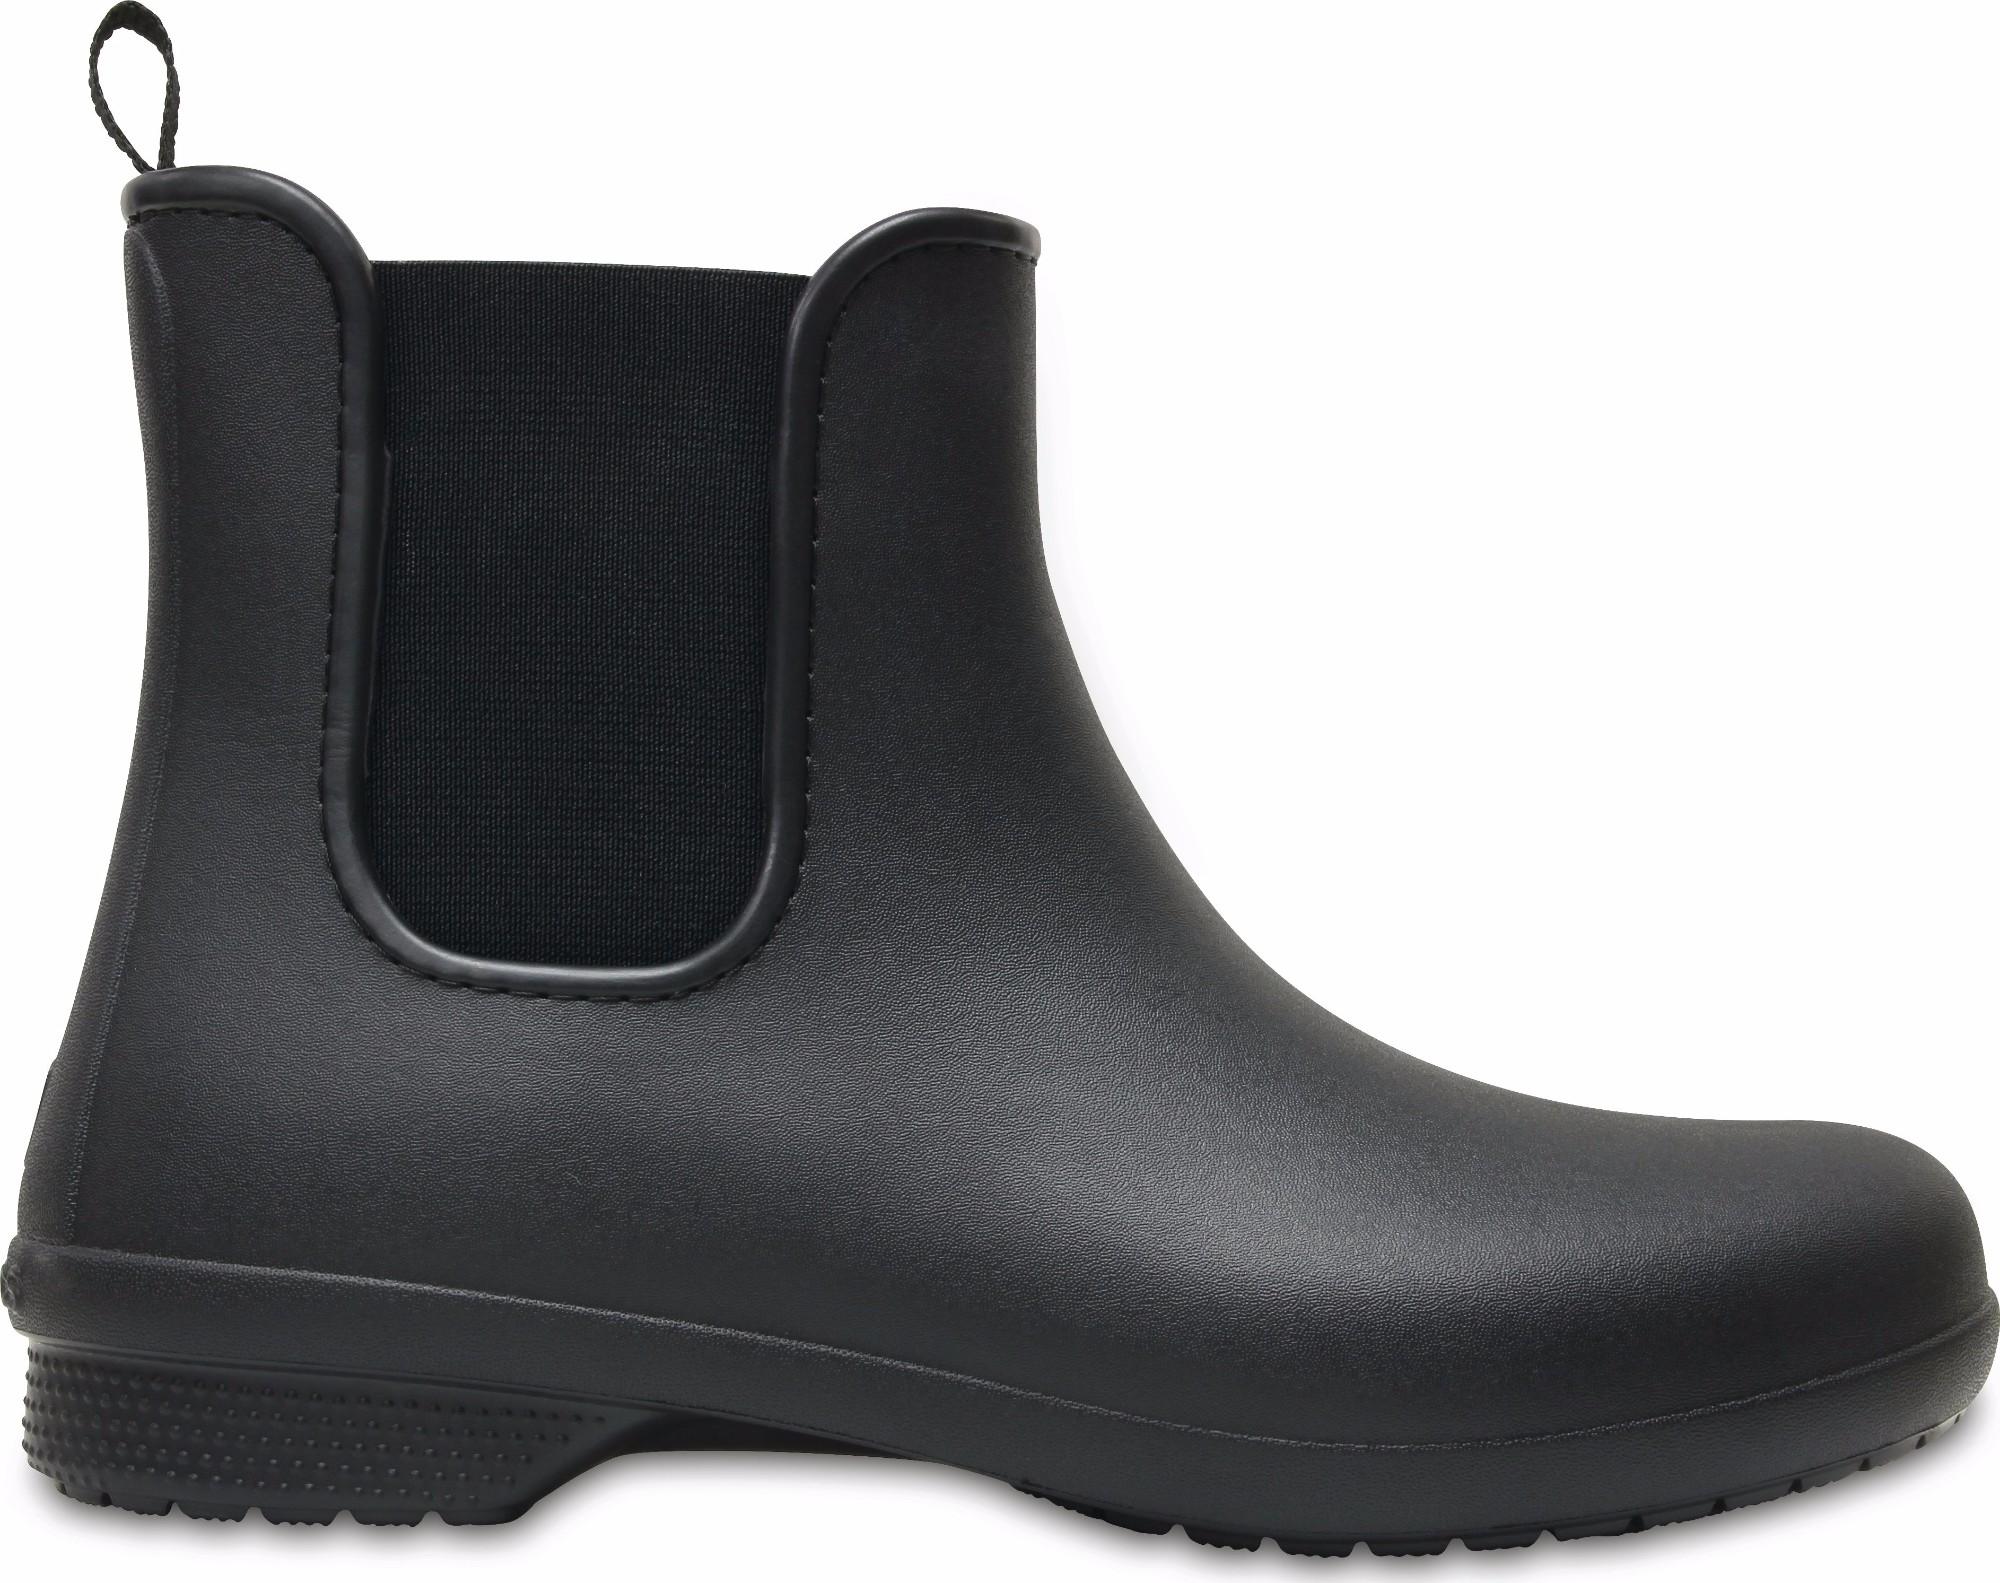 Crocs™ Freesail Chelsea Boot Black/Black 35